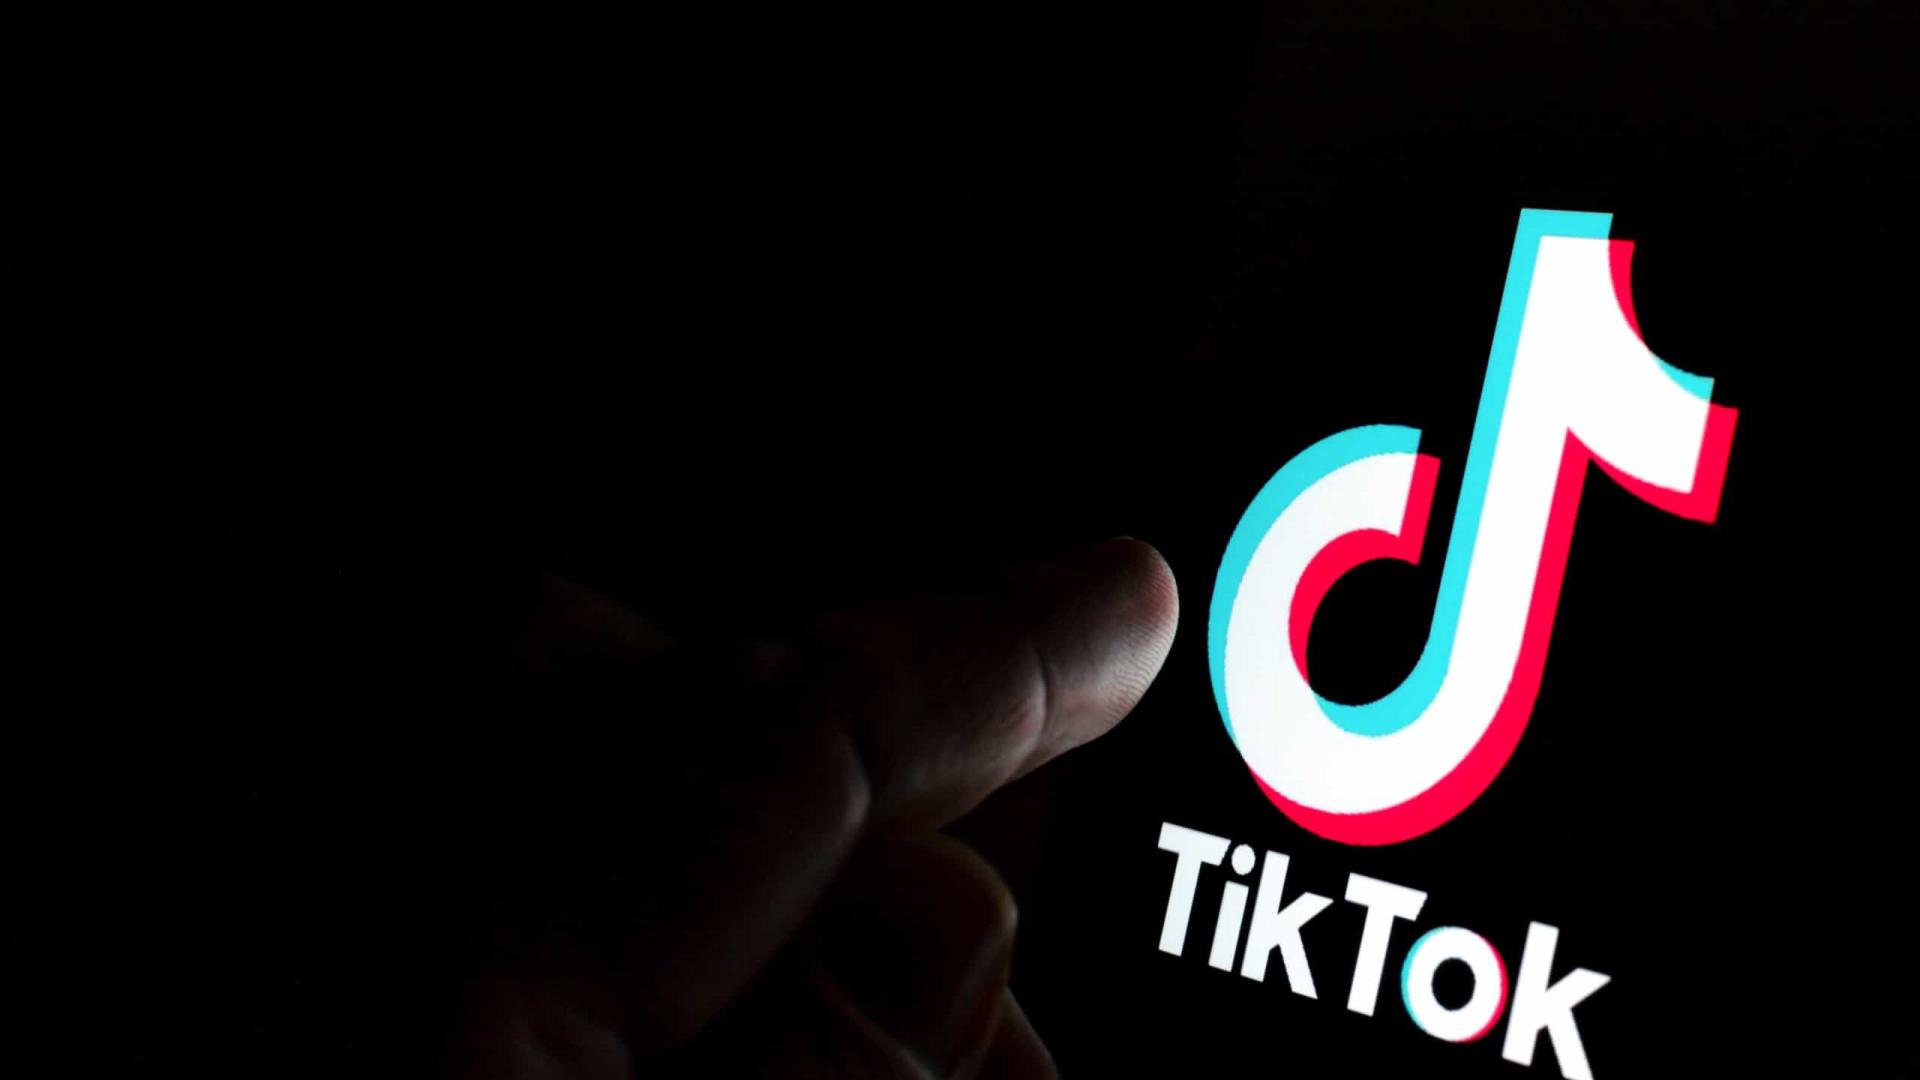 Itália bloqueia TikTok após morte de menina de 10 anos